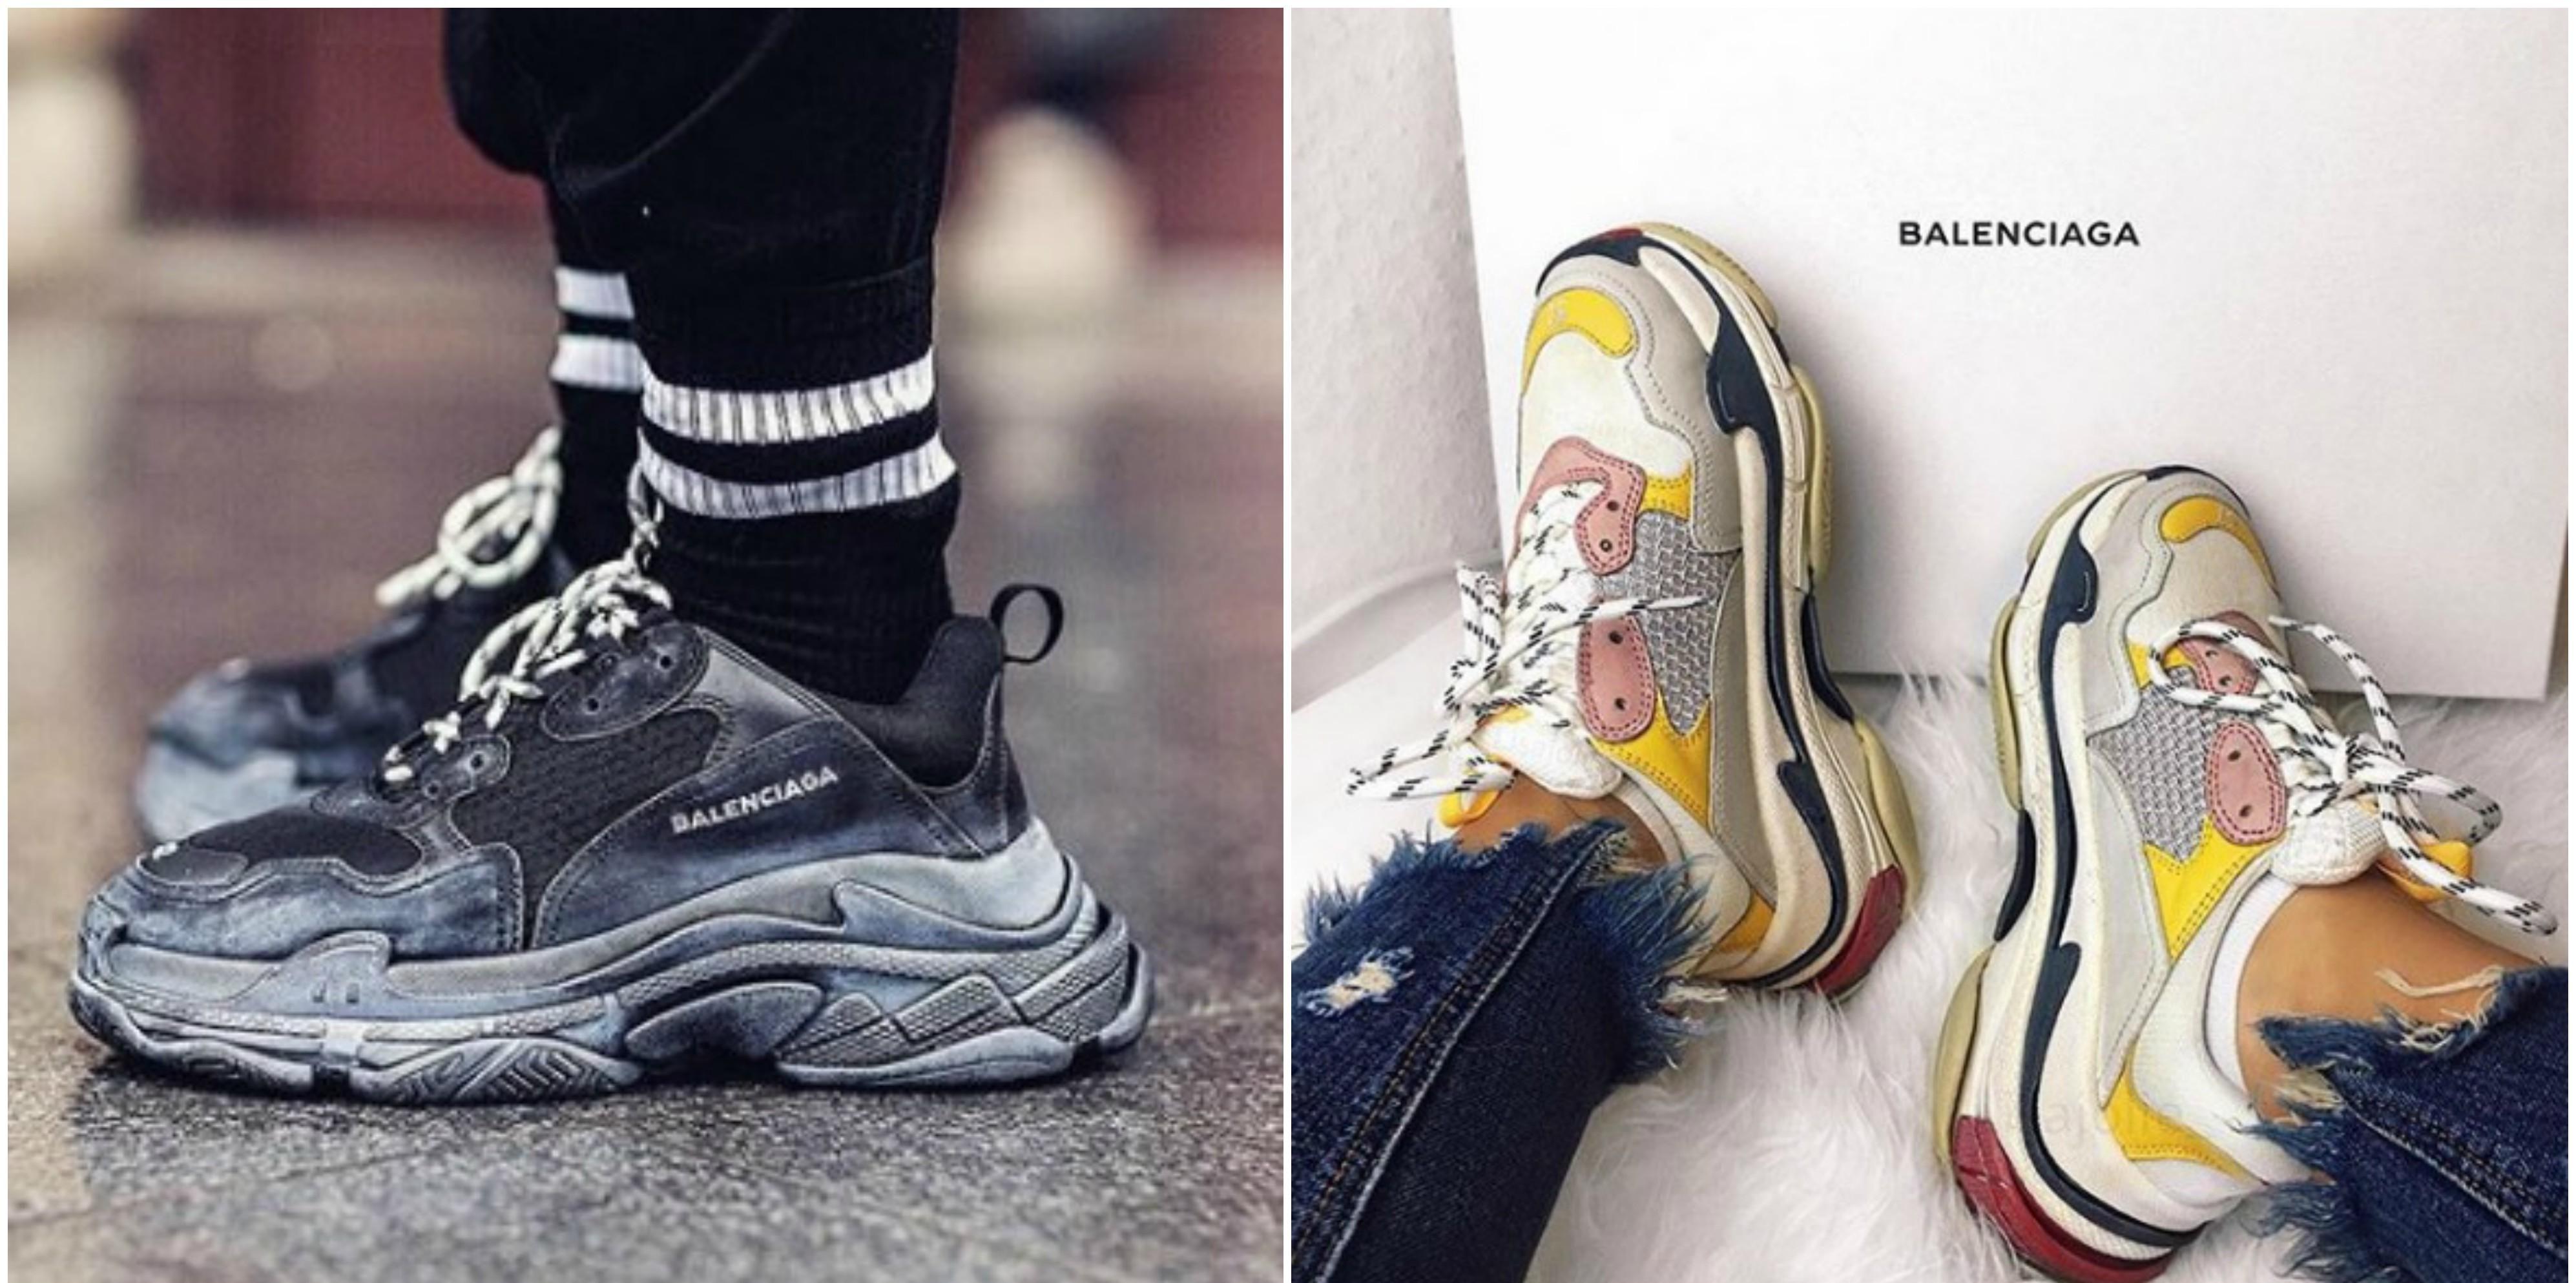 Trend ružne obuće se nastavlja: Ne možemo vjerovati koje su tenisice postale apsolutni hit